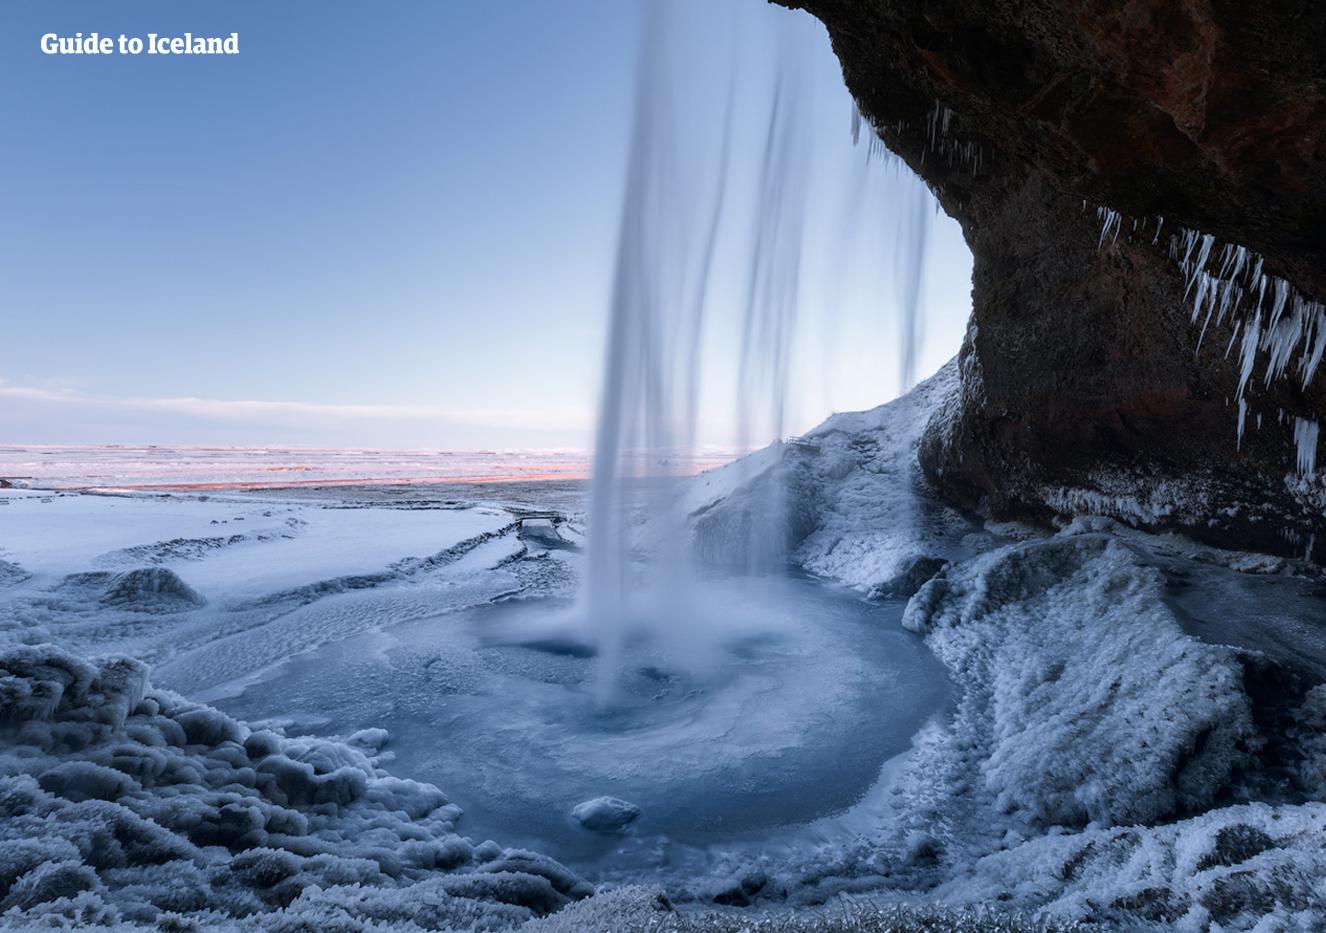 Cascade de Seljalandsfoss et paysages couverts de givre sur la Côte Sud.